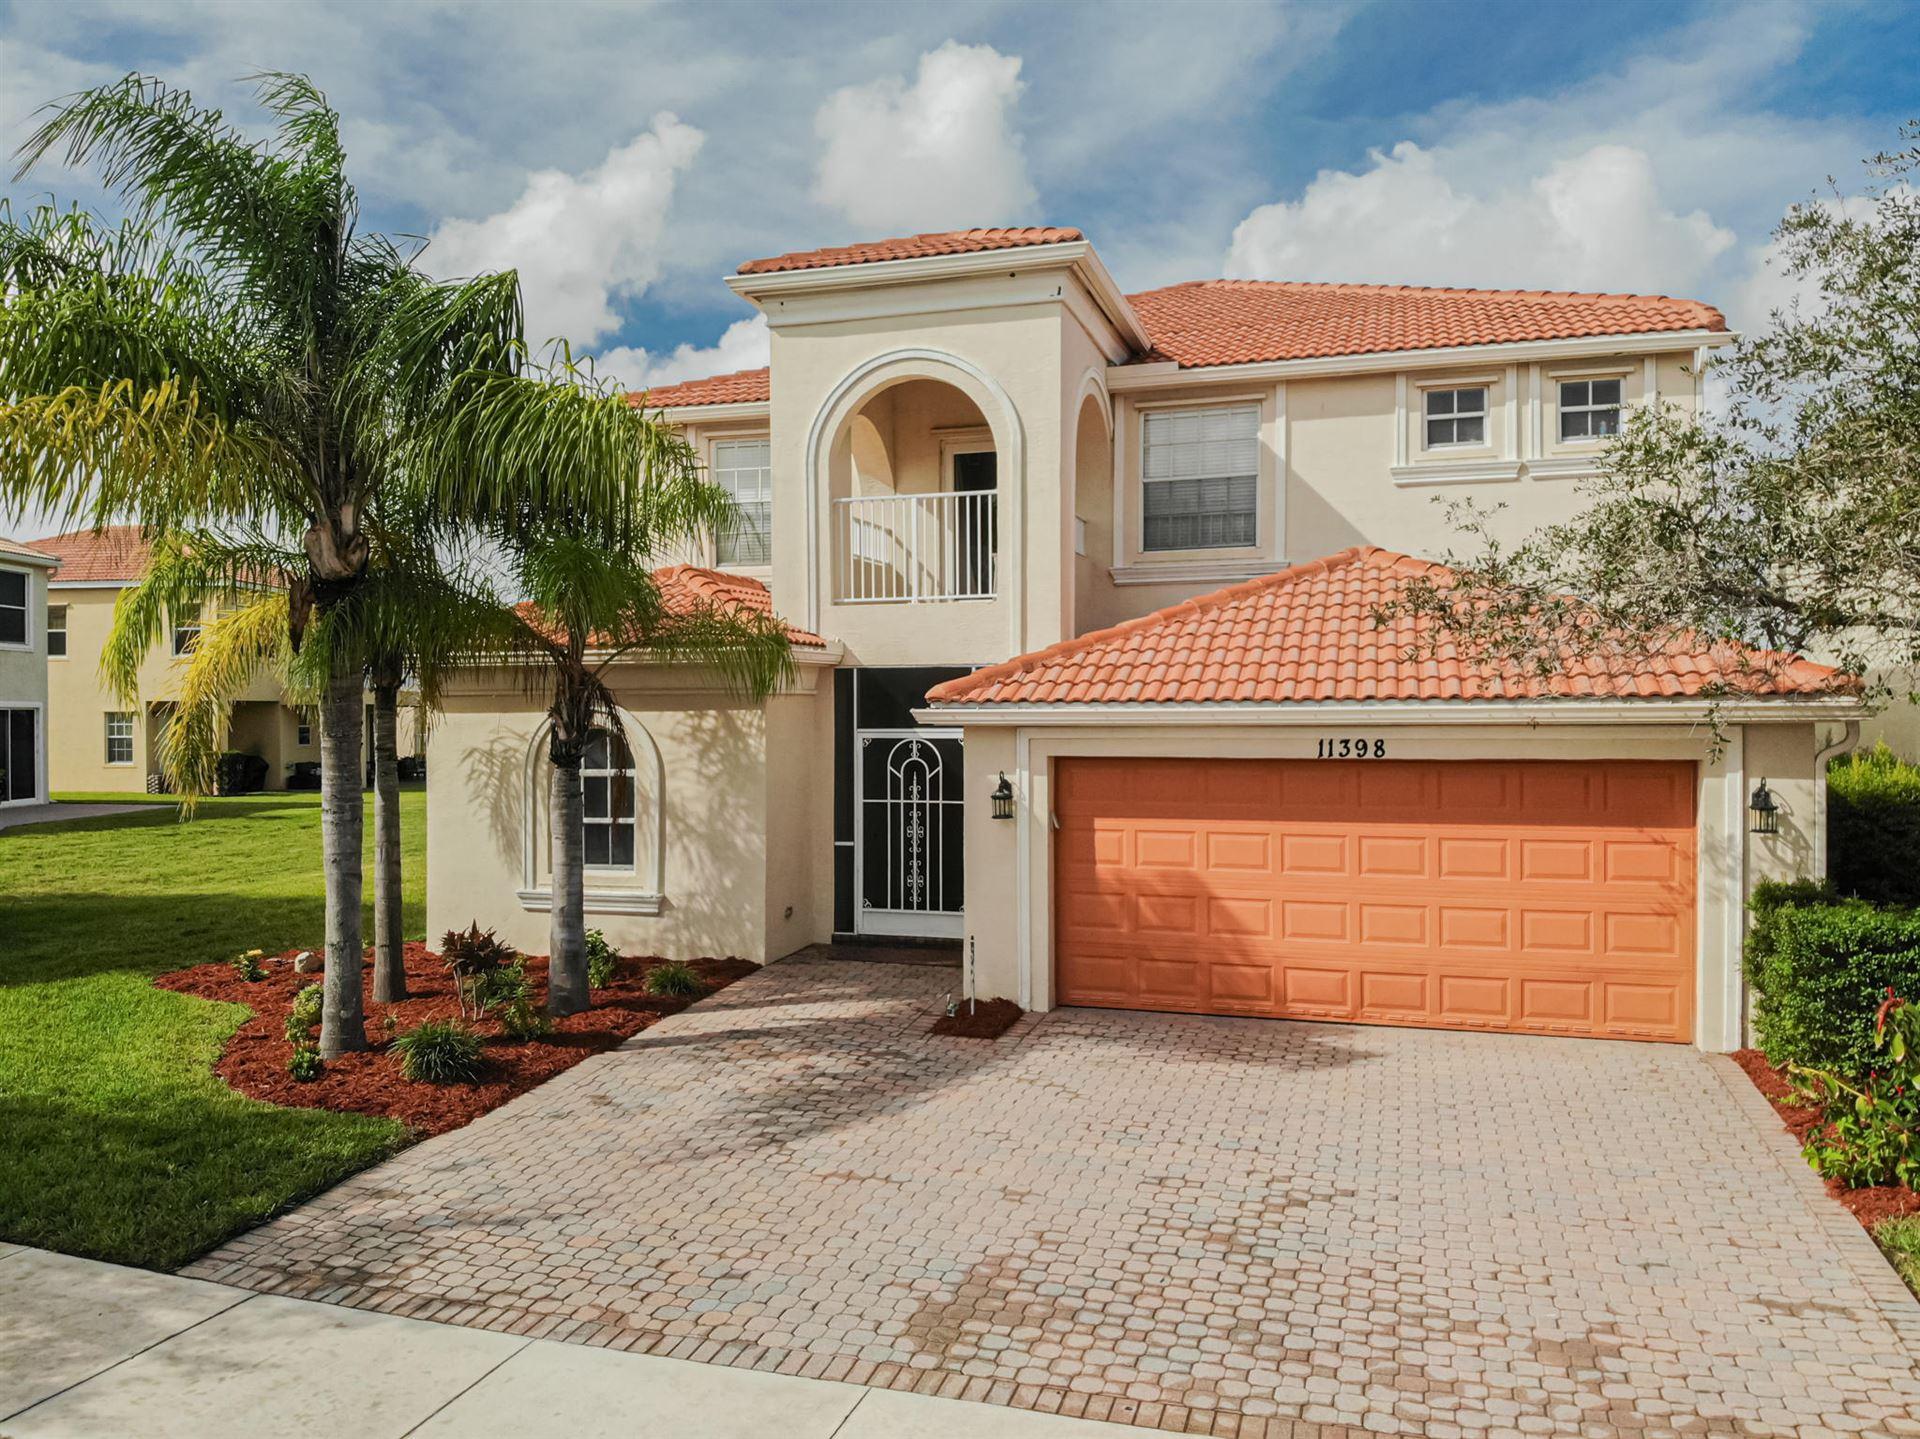 11398 SW Stockton Place, Port Saint Lucie, FL 34987 - #: RX-10661382